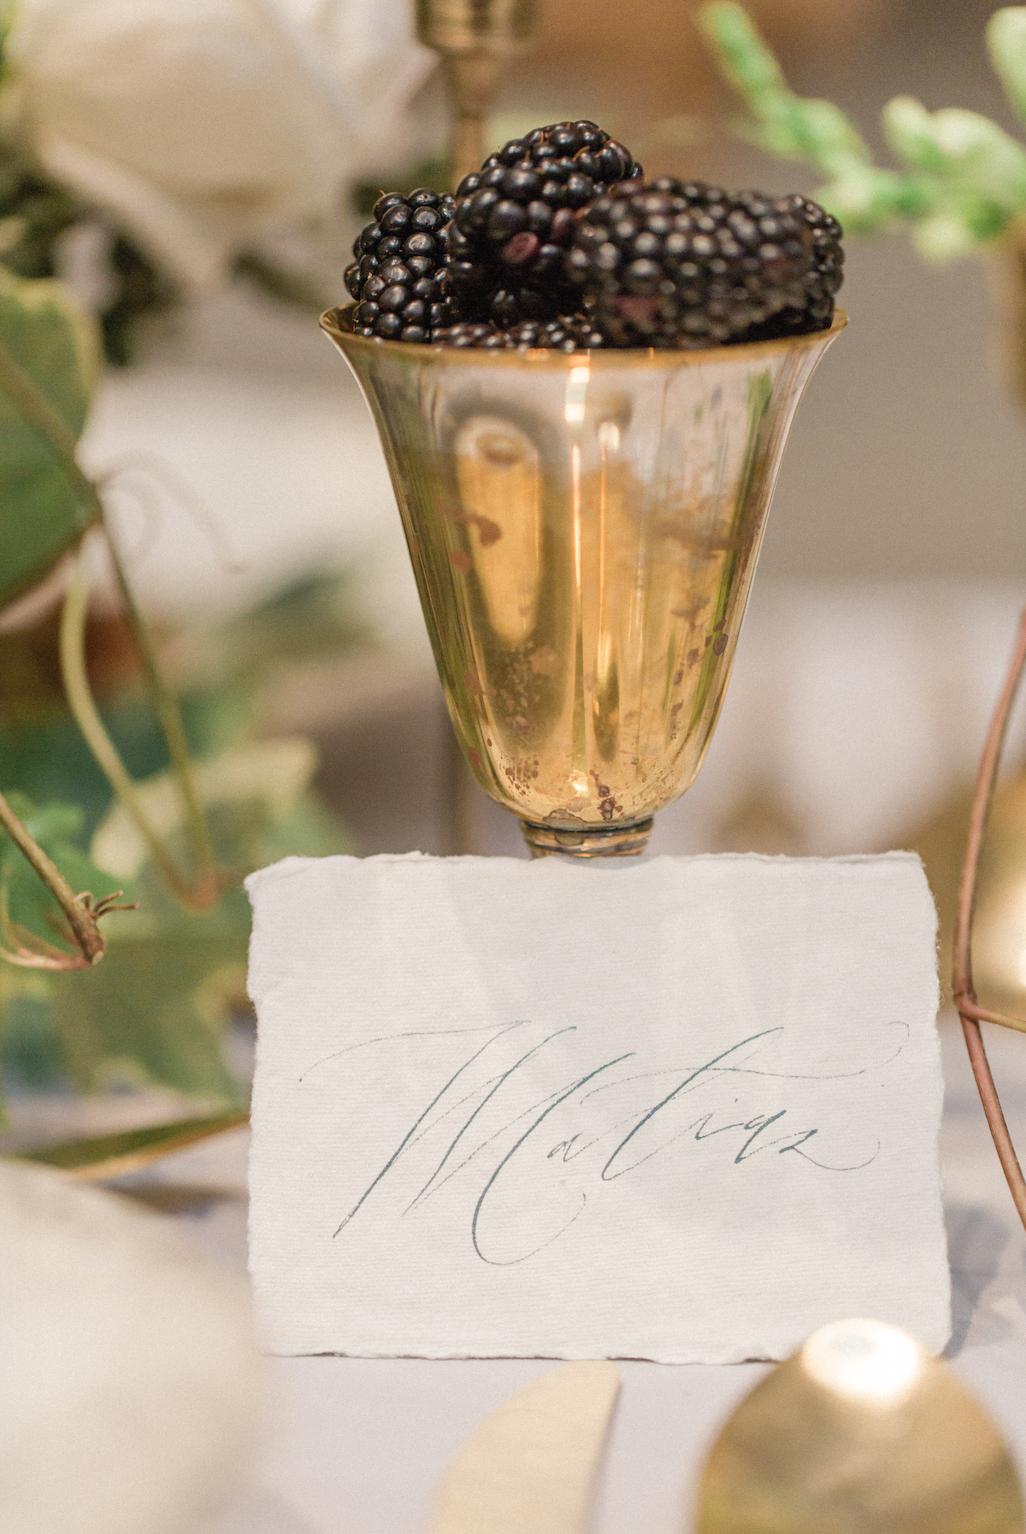 Table_Details_Blackberries_Wedding_Gold_Vase.png